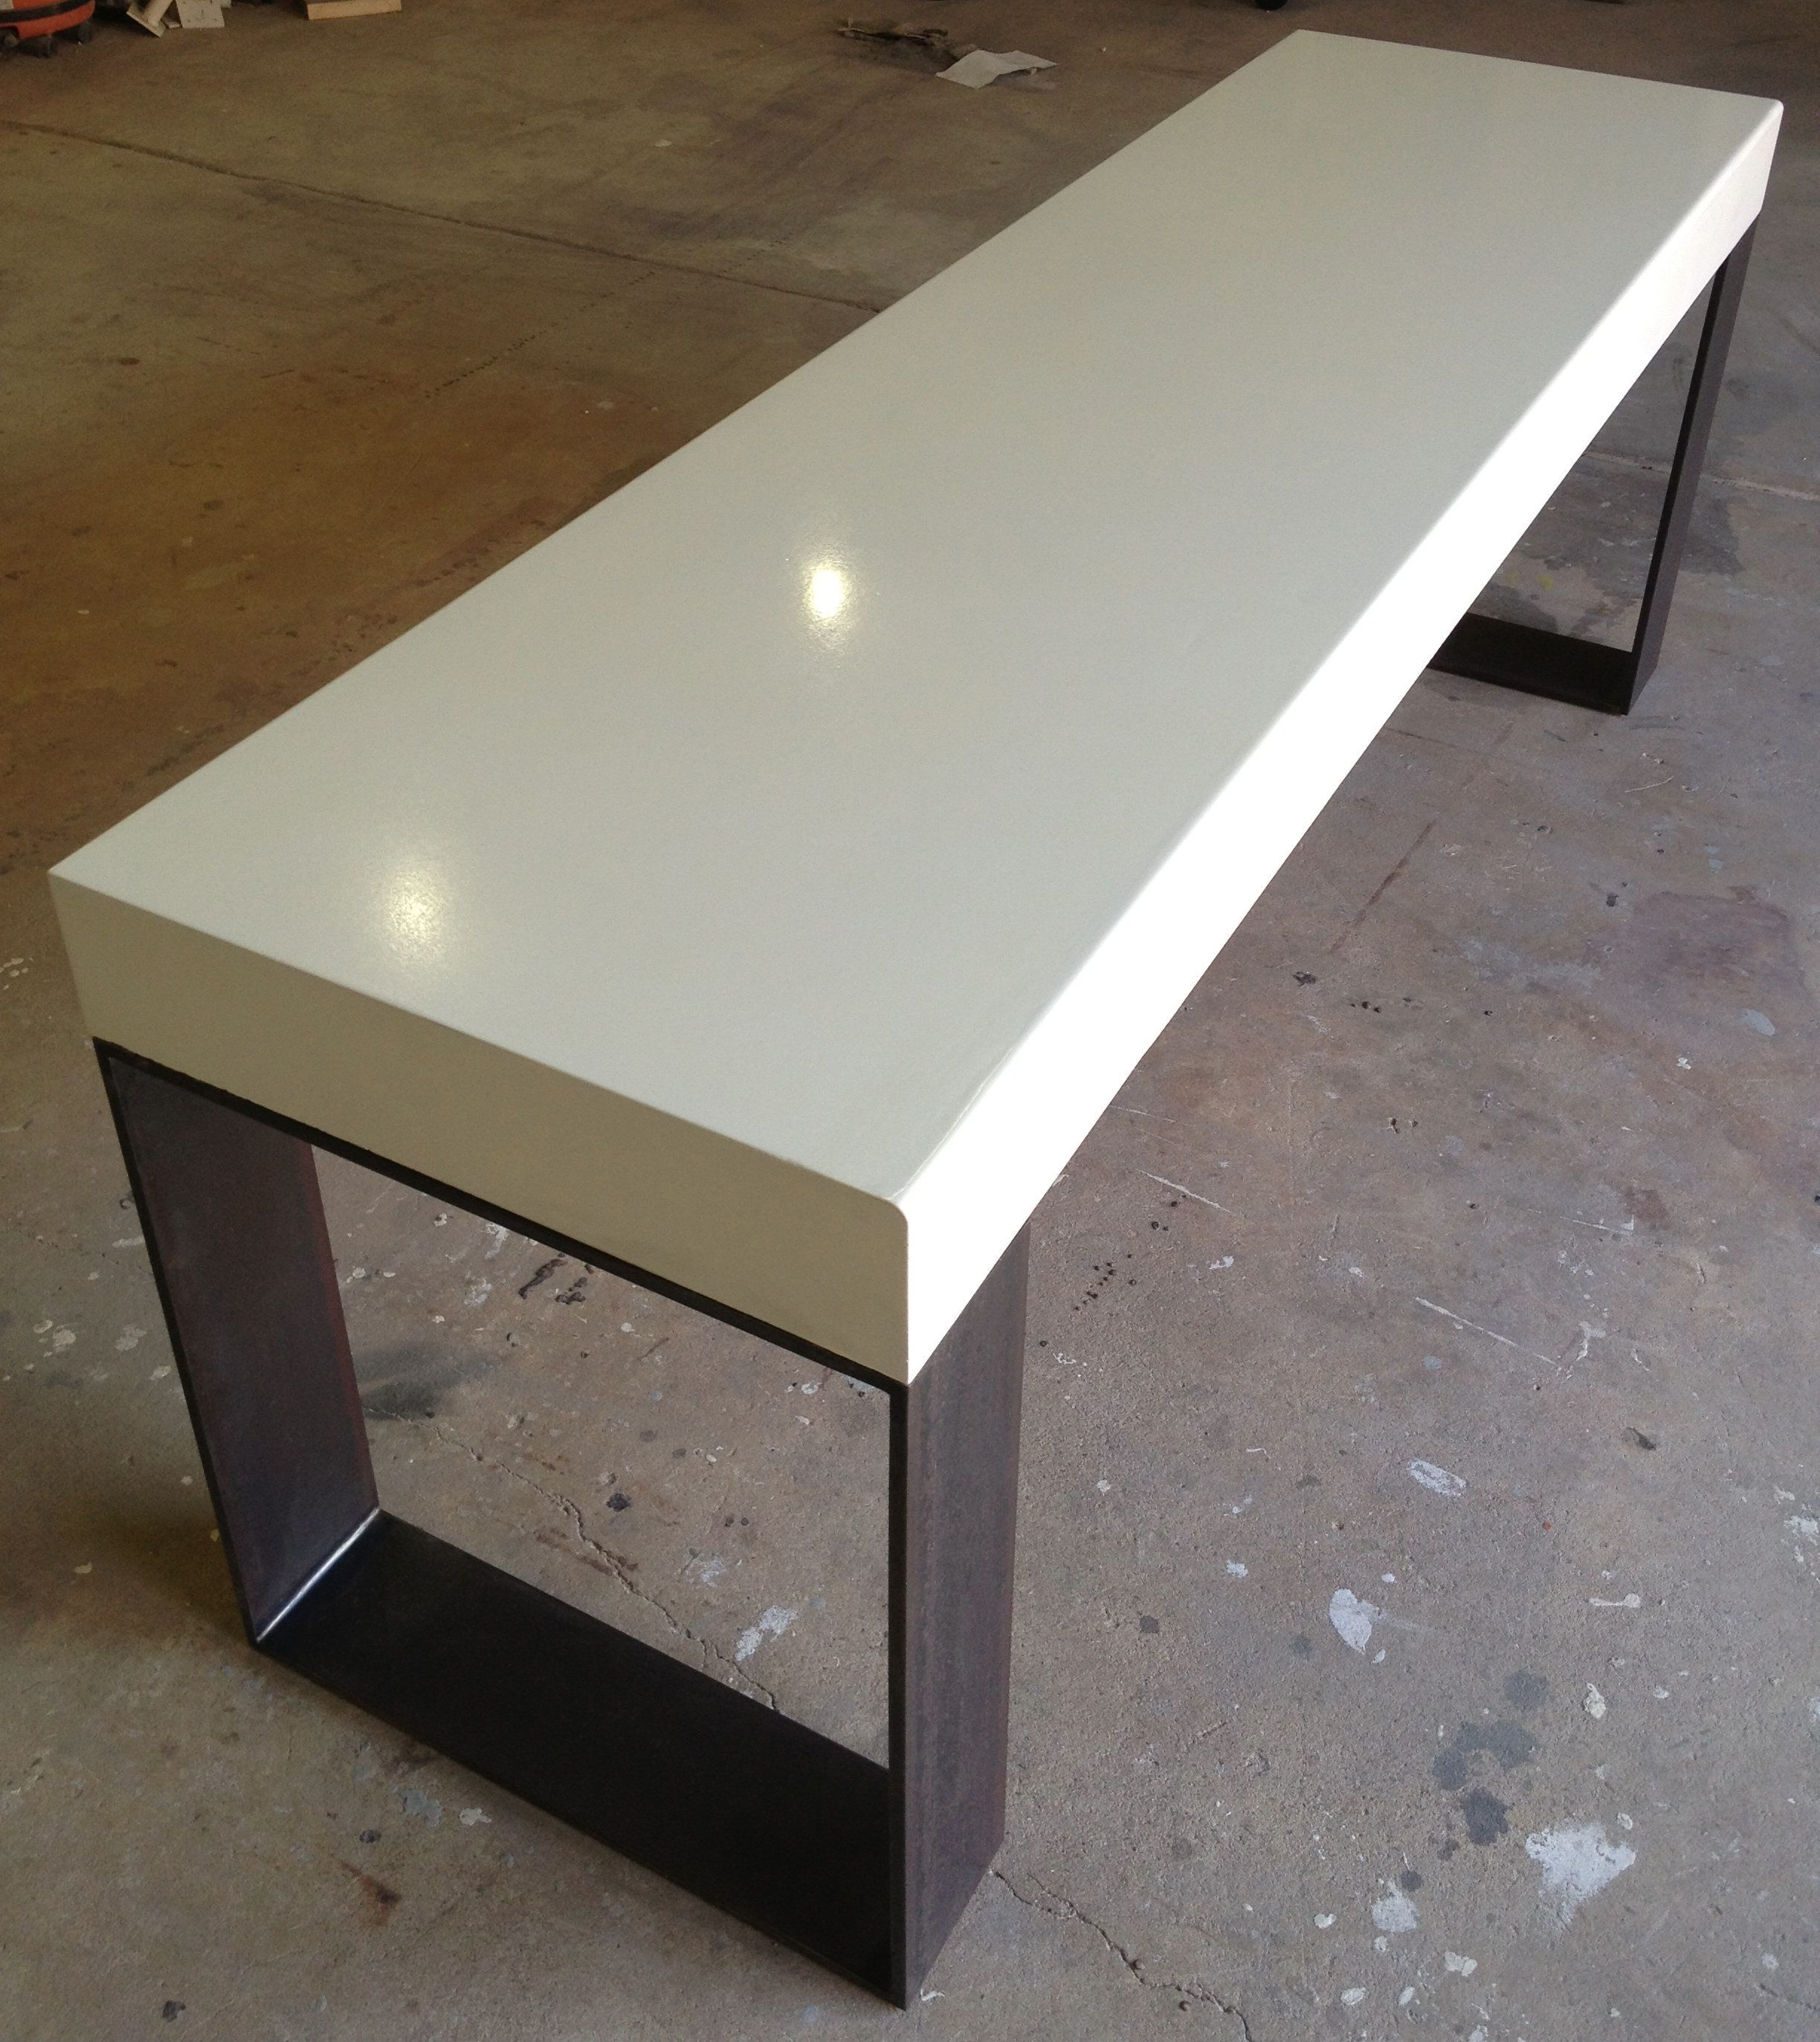 68f30d62d34f4c4c1c59a070aa56724b Incroyable De Table Basse Plexi Des Idées